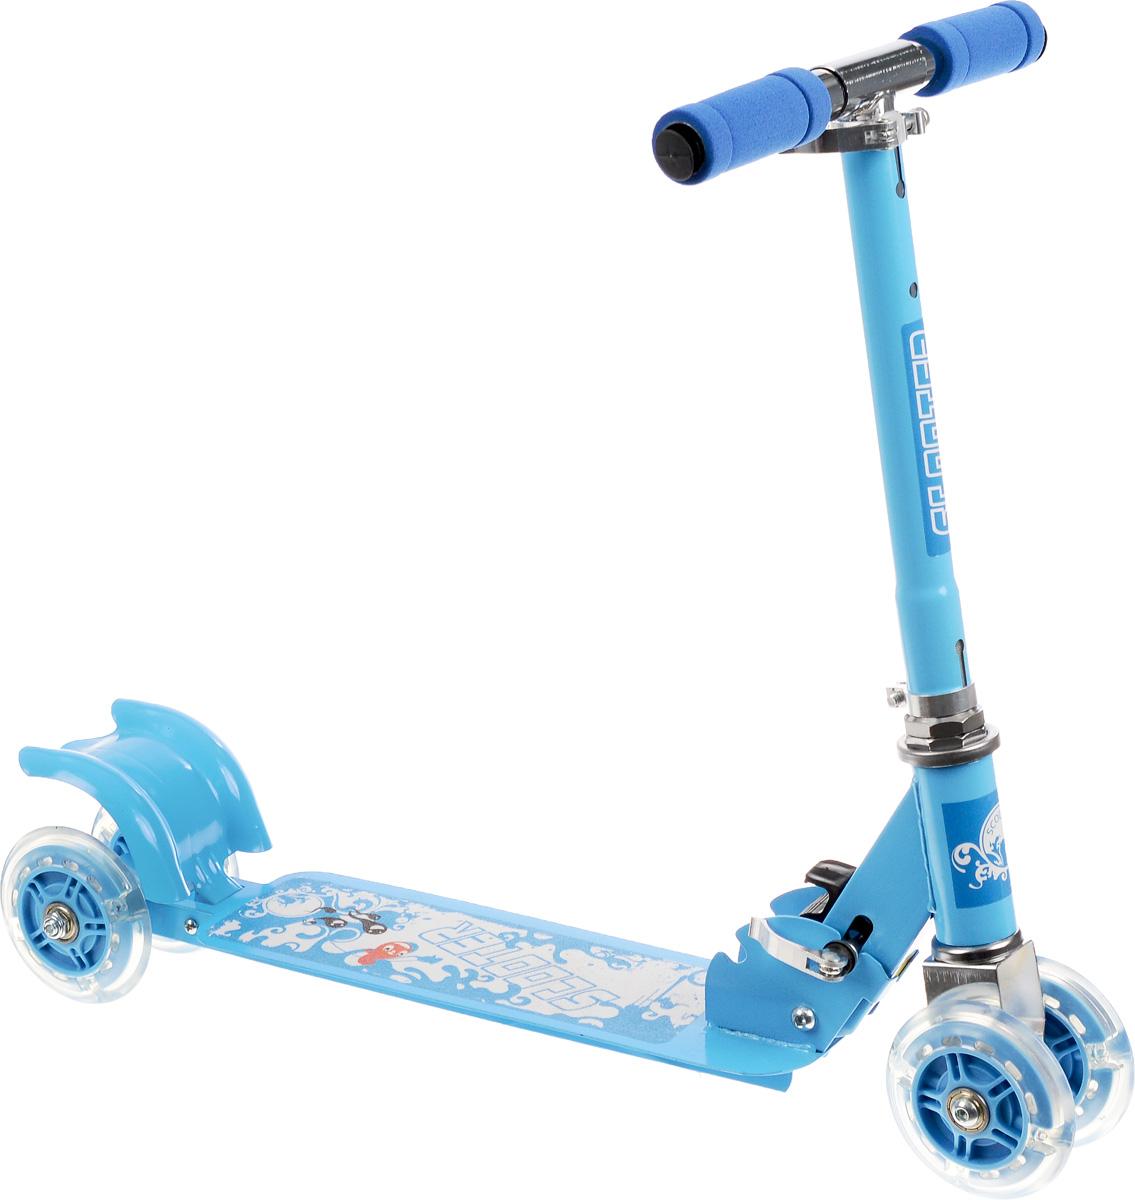 Самокат четырехколесный Charming Sports, цвет: голубой, белый. CMS010MW-1462-01-SR серебристыйЯркий детский самокат Charming Sports станет отличным подарком ребенку! Он оснащен простой в использовании системой торможения с помощью заднего колеса (достаточно наступить на педаль тормоза, расположенную над задним колесом). Дека имеет покрытие, предотвращающее скольжение. Колеса оснащены светодиодами, загорающимися при езде. Руль имеет 2 положения.Благодаря прочным материалам самокат прослужит ребенку несколько лет, а его компактный размер позволит брать его с собой куда угодно. Самокат быстро и легко складывается и не требует особых мест для хранения.